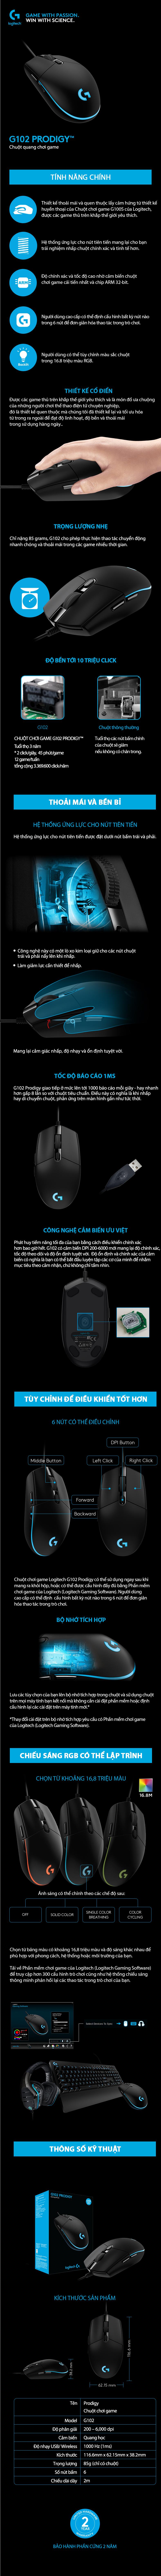 Chuột Chơi Game Có Dây Logitech G102 8000DPI RGB 6 Phím - Hàng Chính Hãng